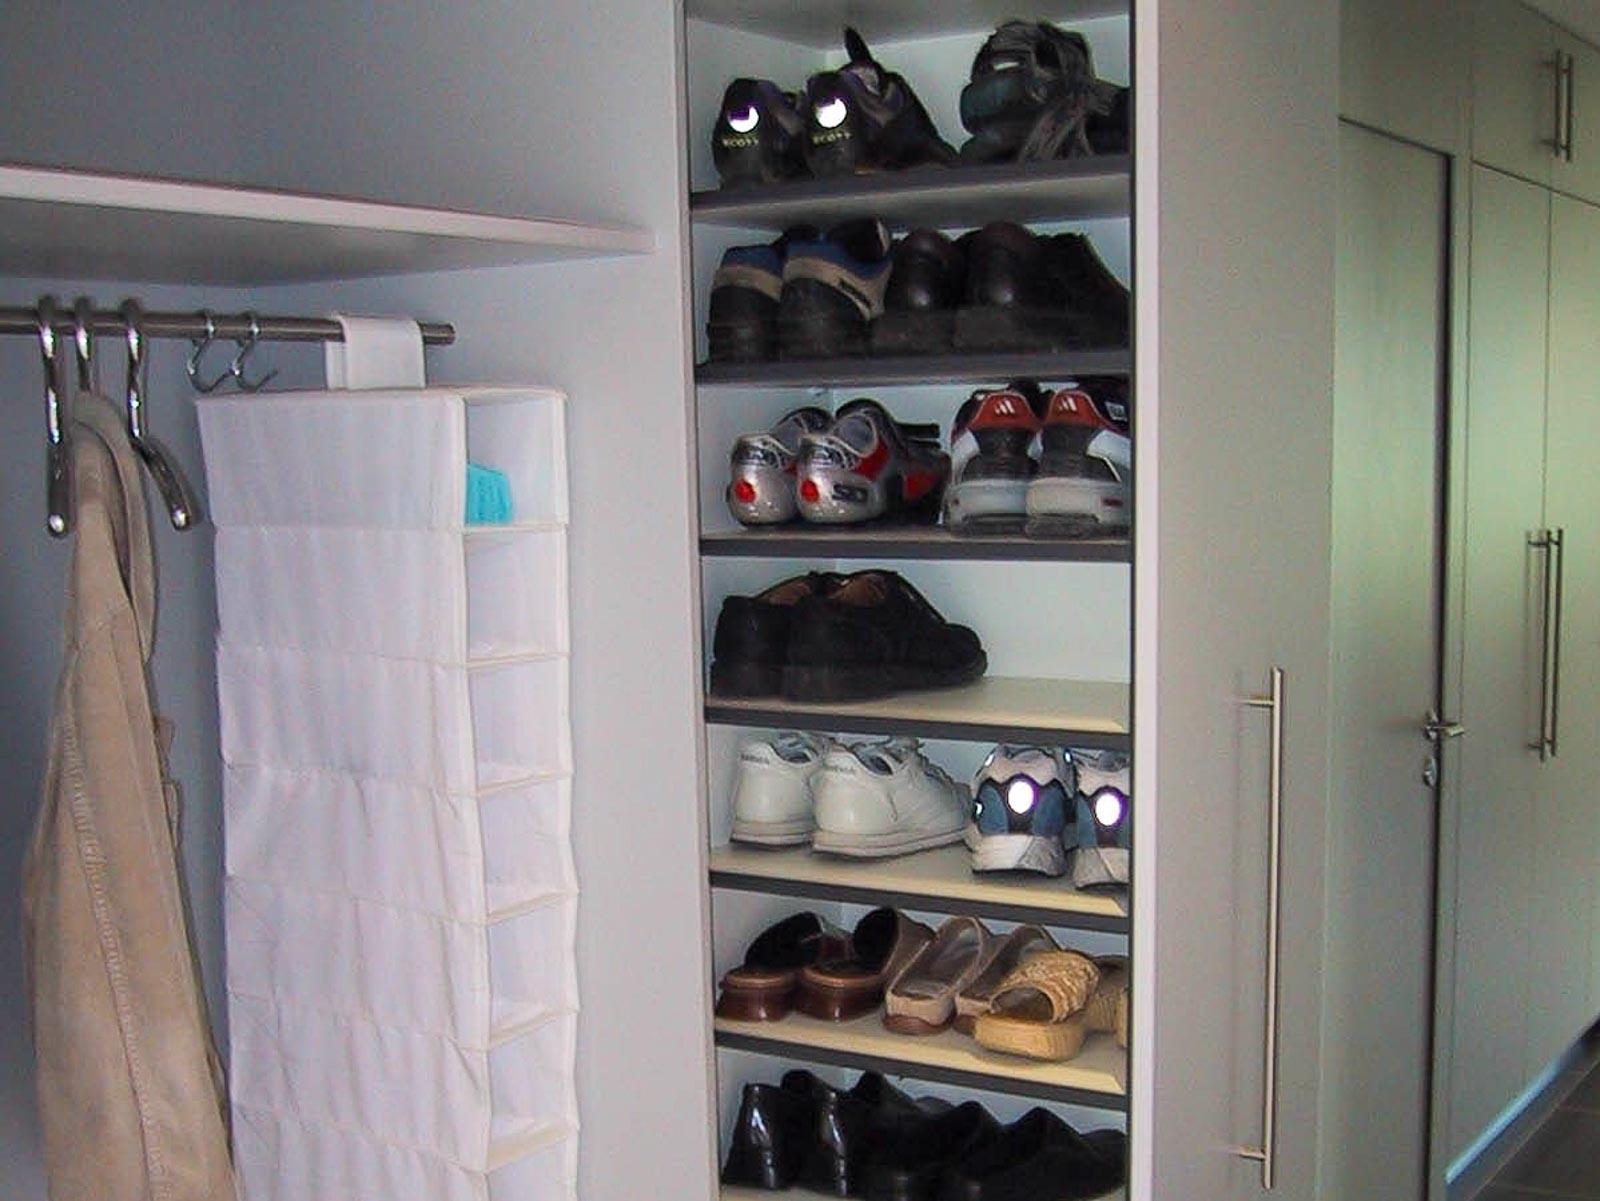 Wooddesign_Garderobe_Gästegarderobe_ausziehbarer Schuhschrank_ offene Garderobe (1)